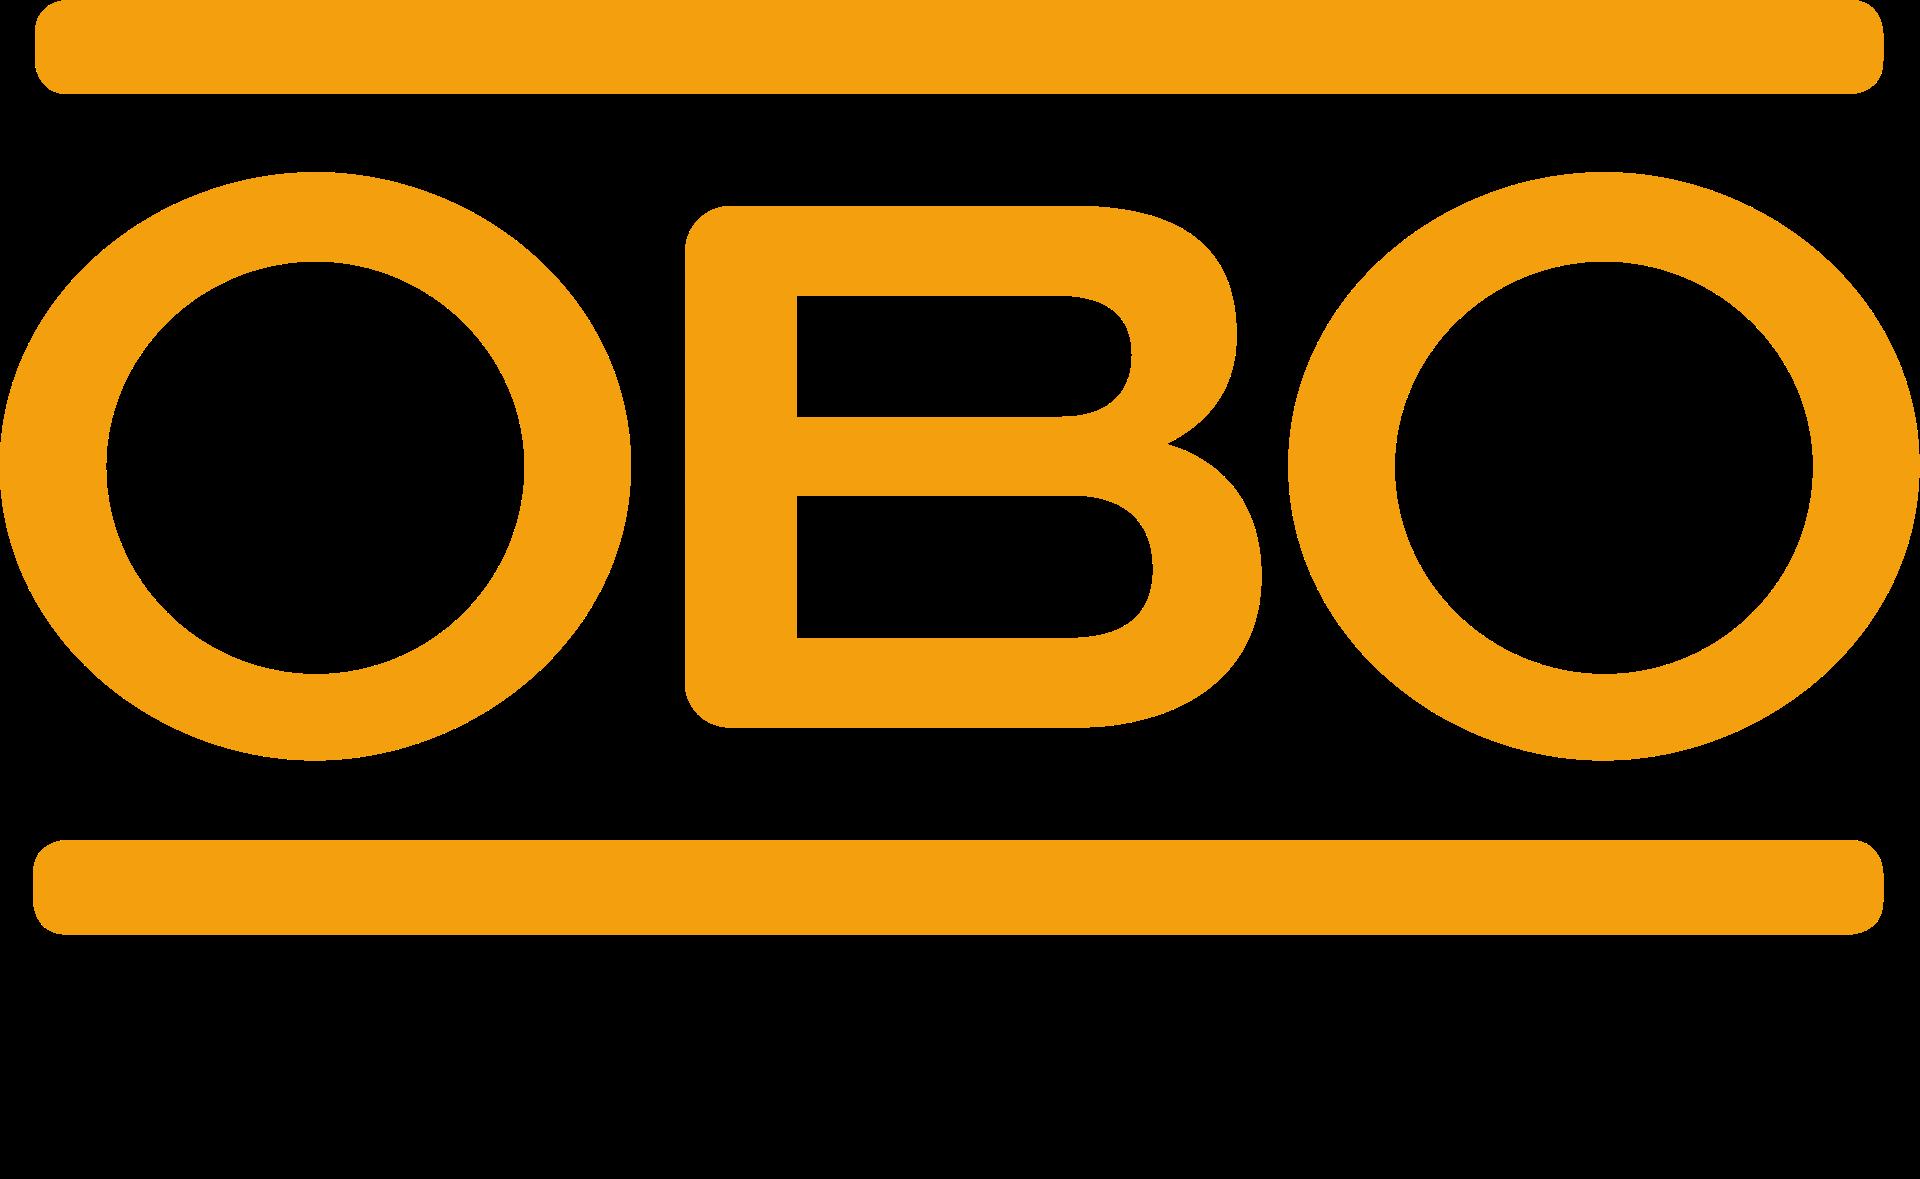 OBO OBO OBO Bettermann CombiController V20 V20-1+FS-280 Energietechnik 5095281 | Billig ideal  ed7116